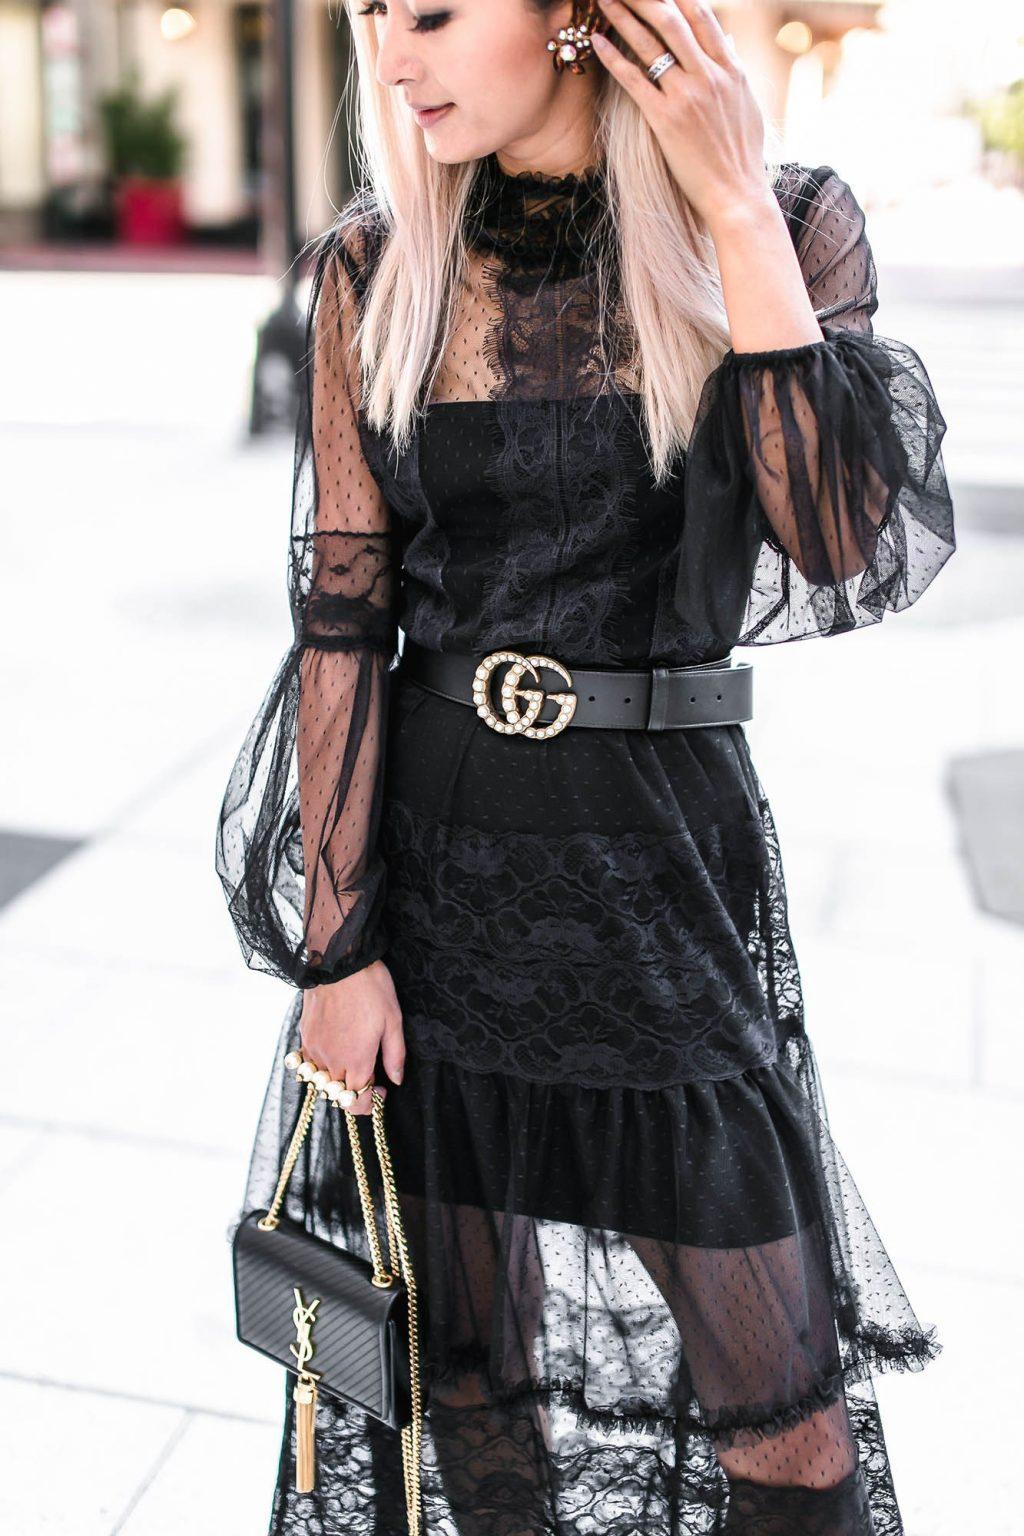 cô gái mặc đầm ren đen và thắt lưng gucci